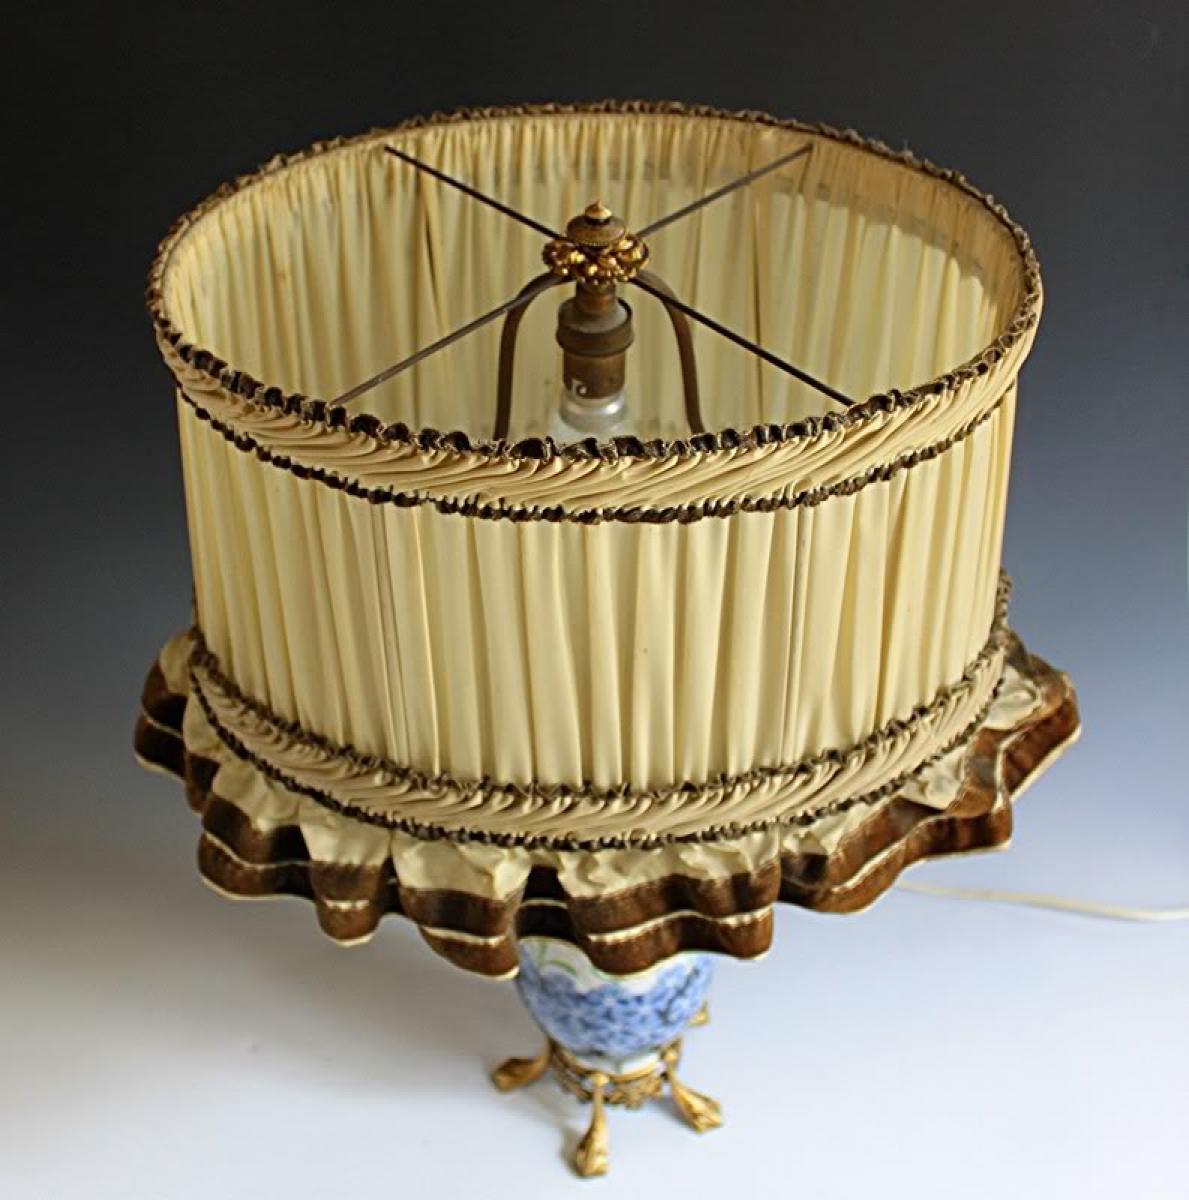 Paris Porcelain Art Nouveau Period Lamp Chinese Taste: ART NOUVEAU PERIOD LAMP IN SEVRES PORCELAIN AND BRONZE